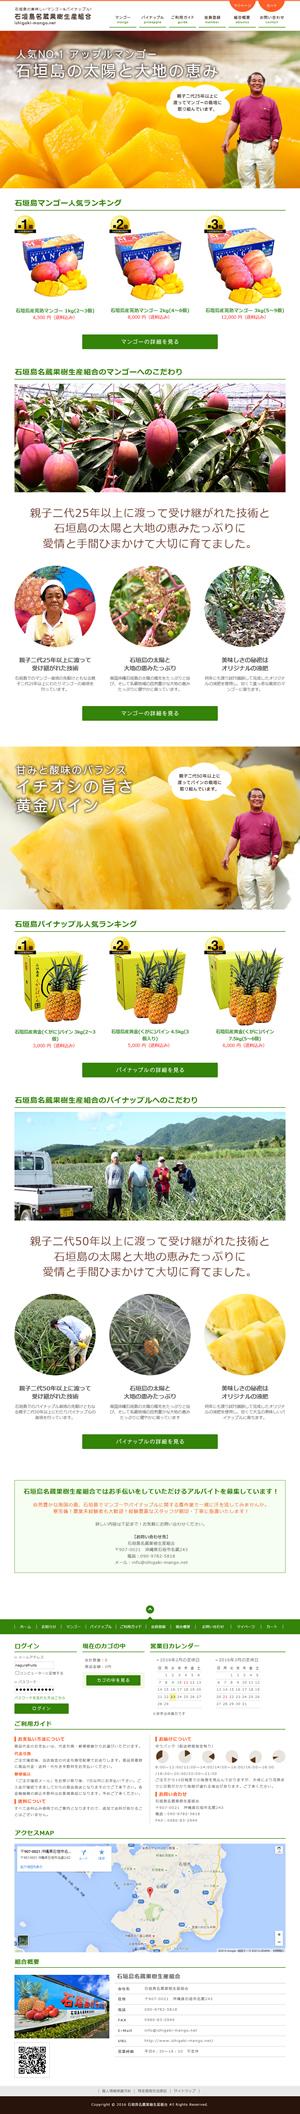 石垣島名蔵果樹生産組合